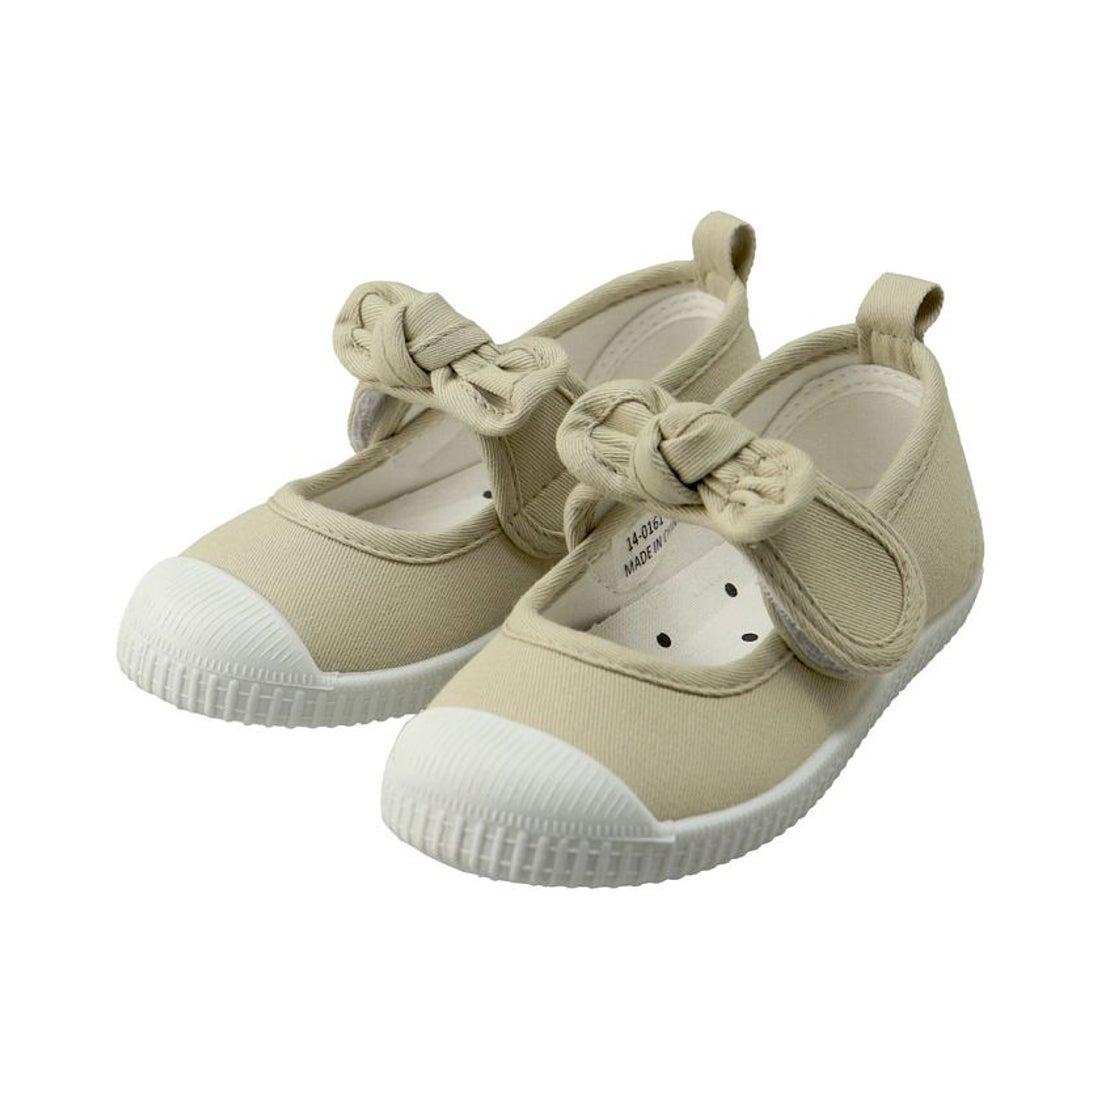 ロコンド 靴とファッションの通販サイトbranshes リボンストラップバレエシューズ(14〜19cm)(ベージュ)【返品不可商品】